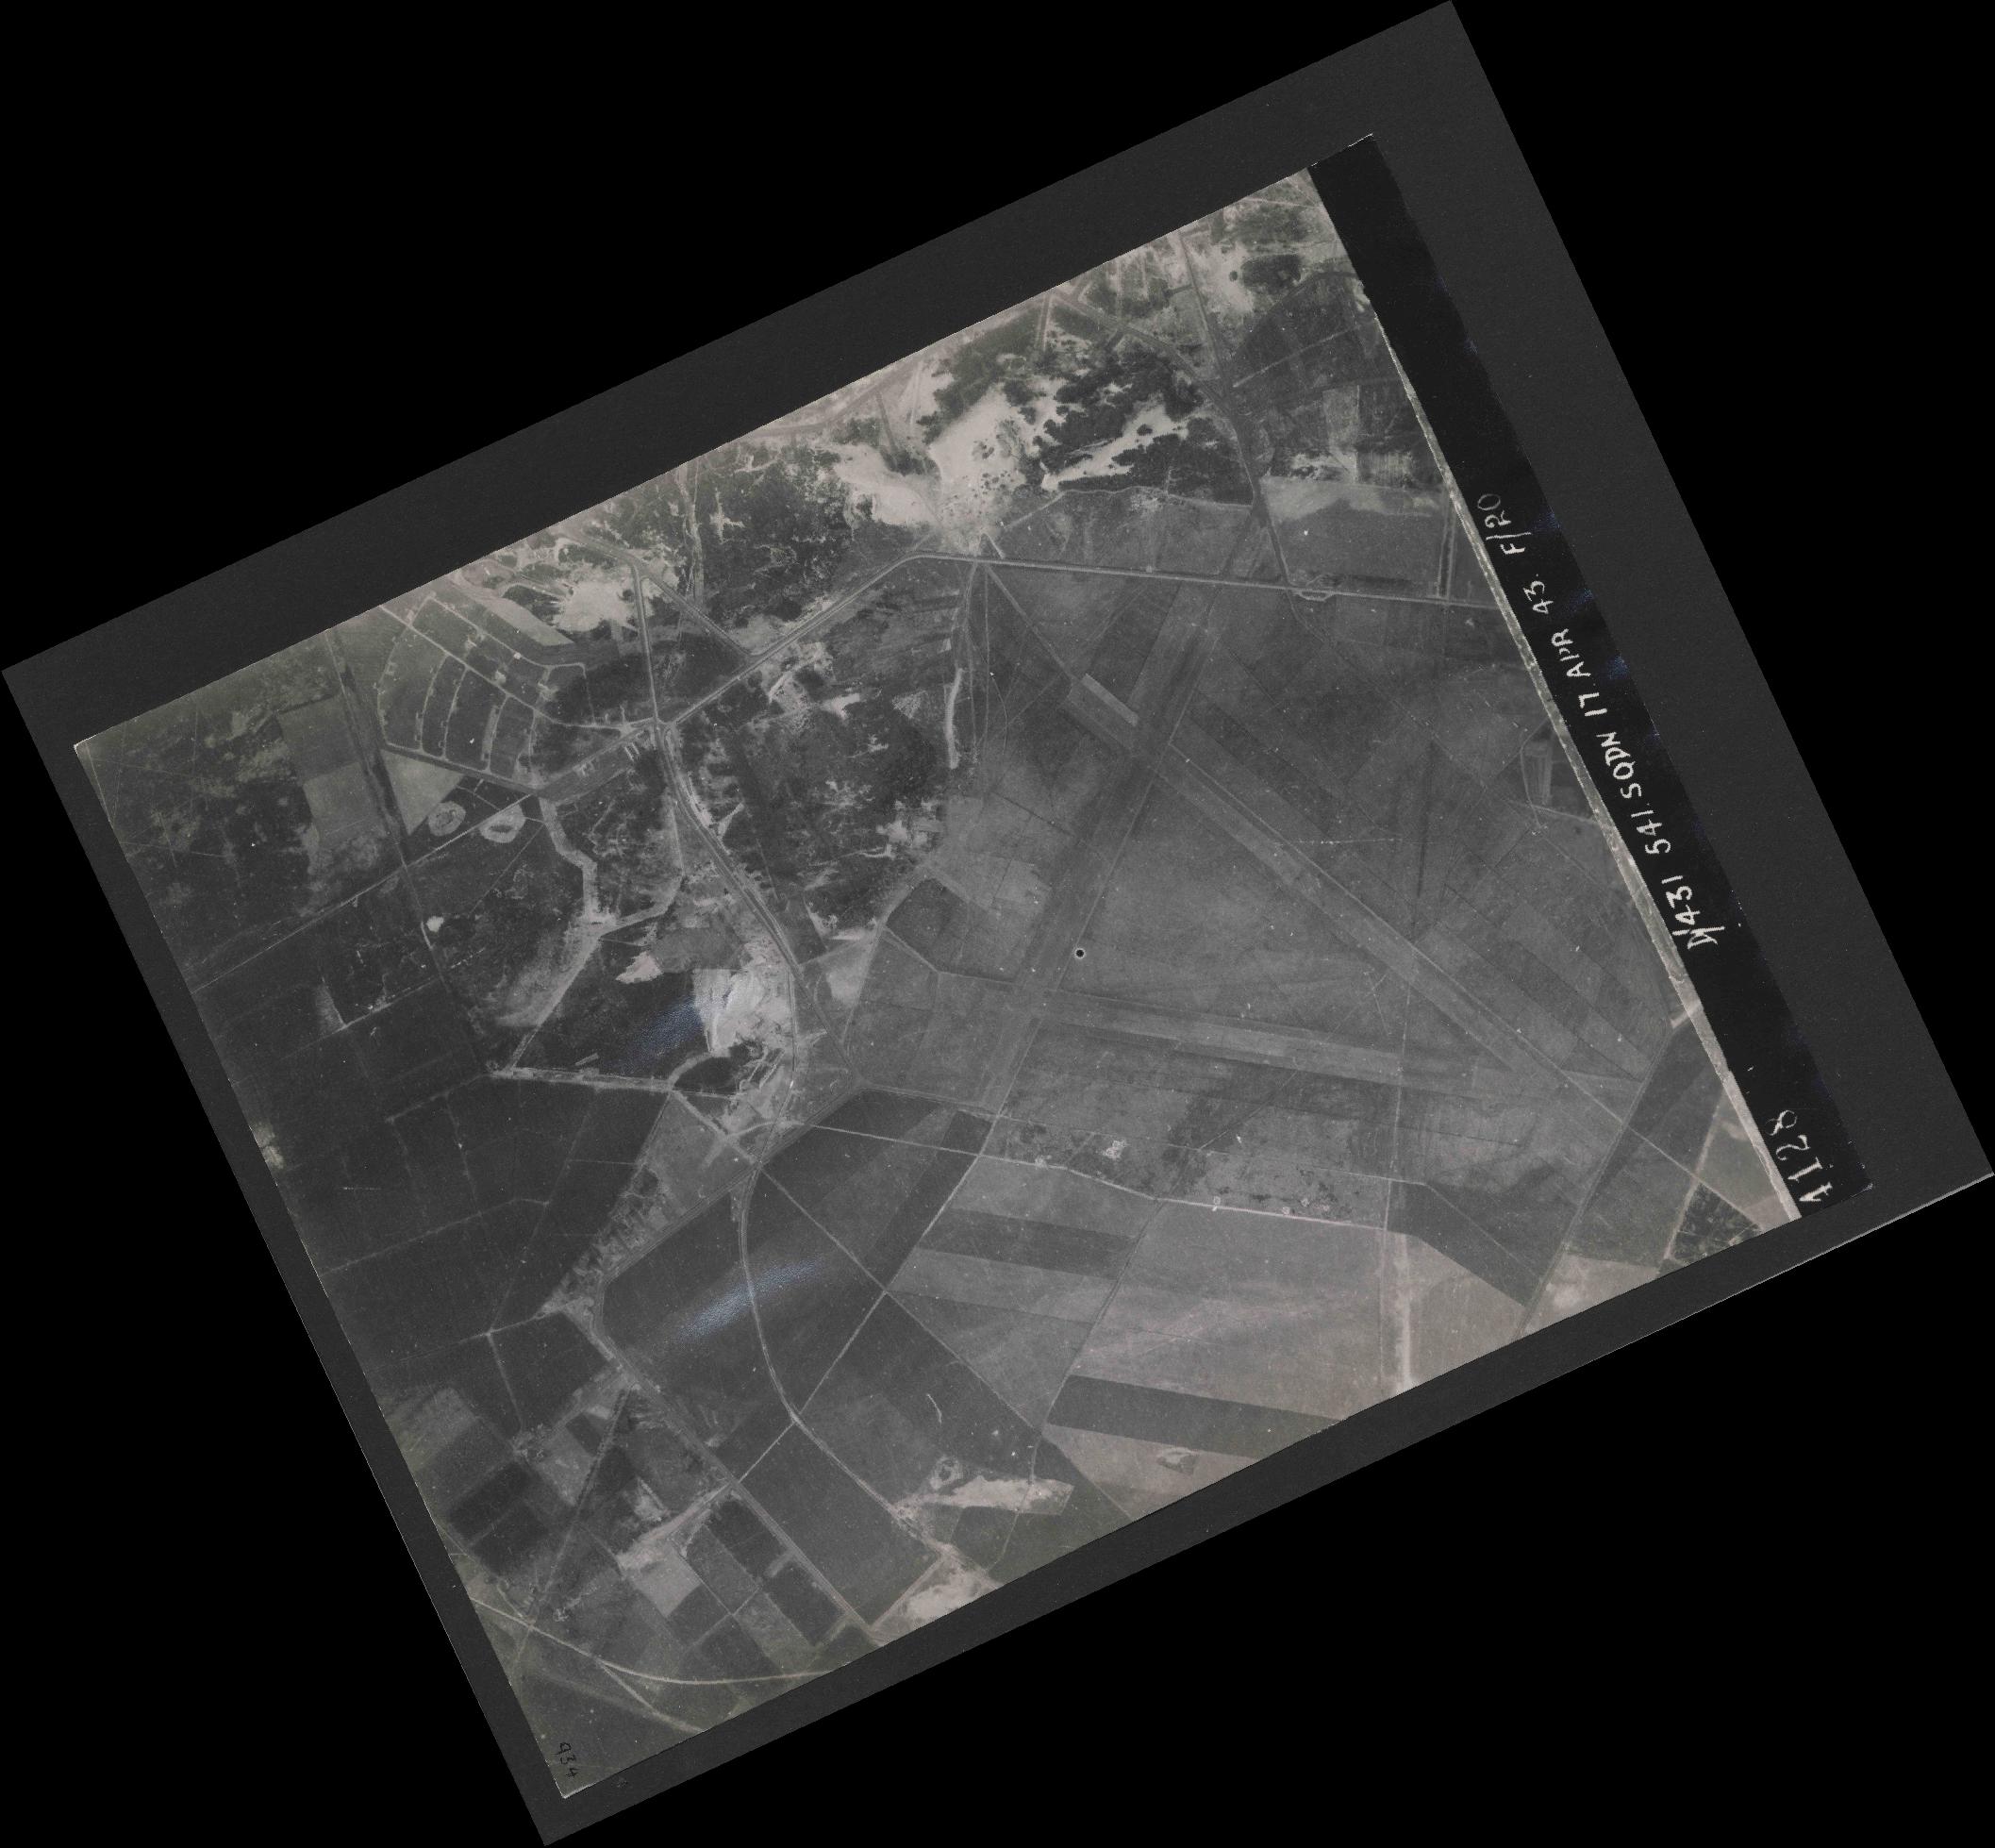 Collection RAF aerial photos 1940-1945 - flight 329, run 10, photo 4128